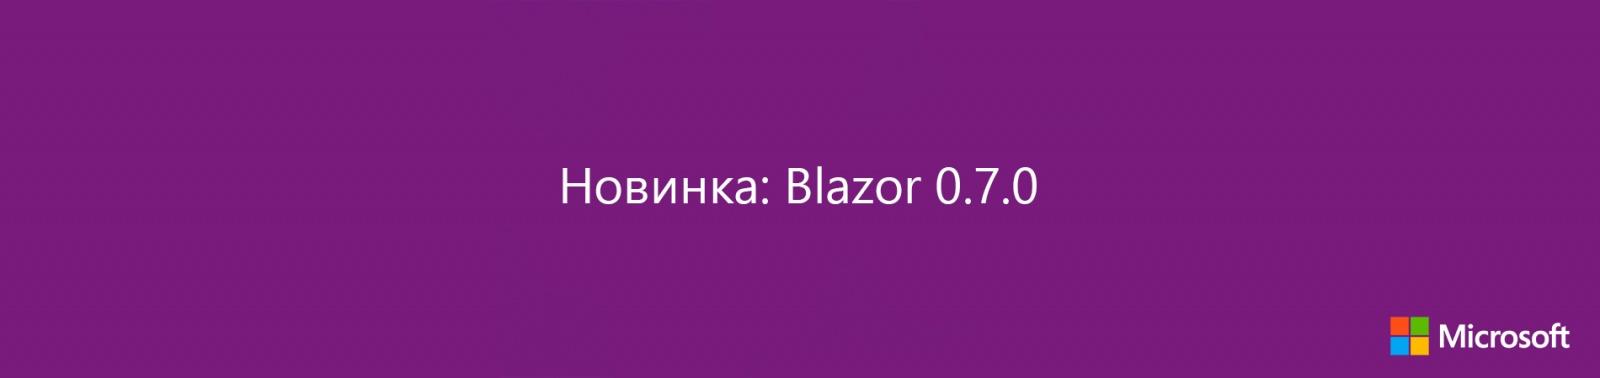 Что нового в Blazor 0.7.0 - 1